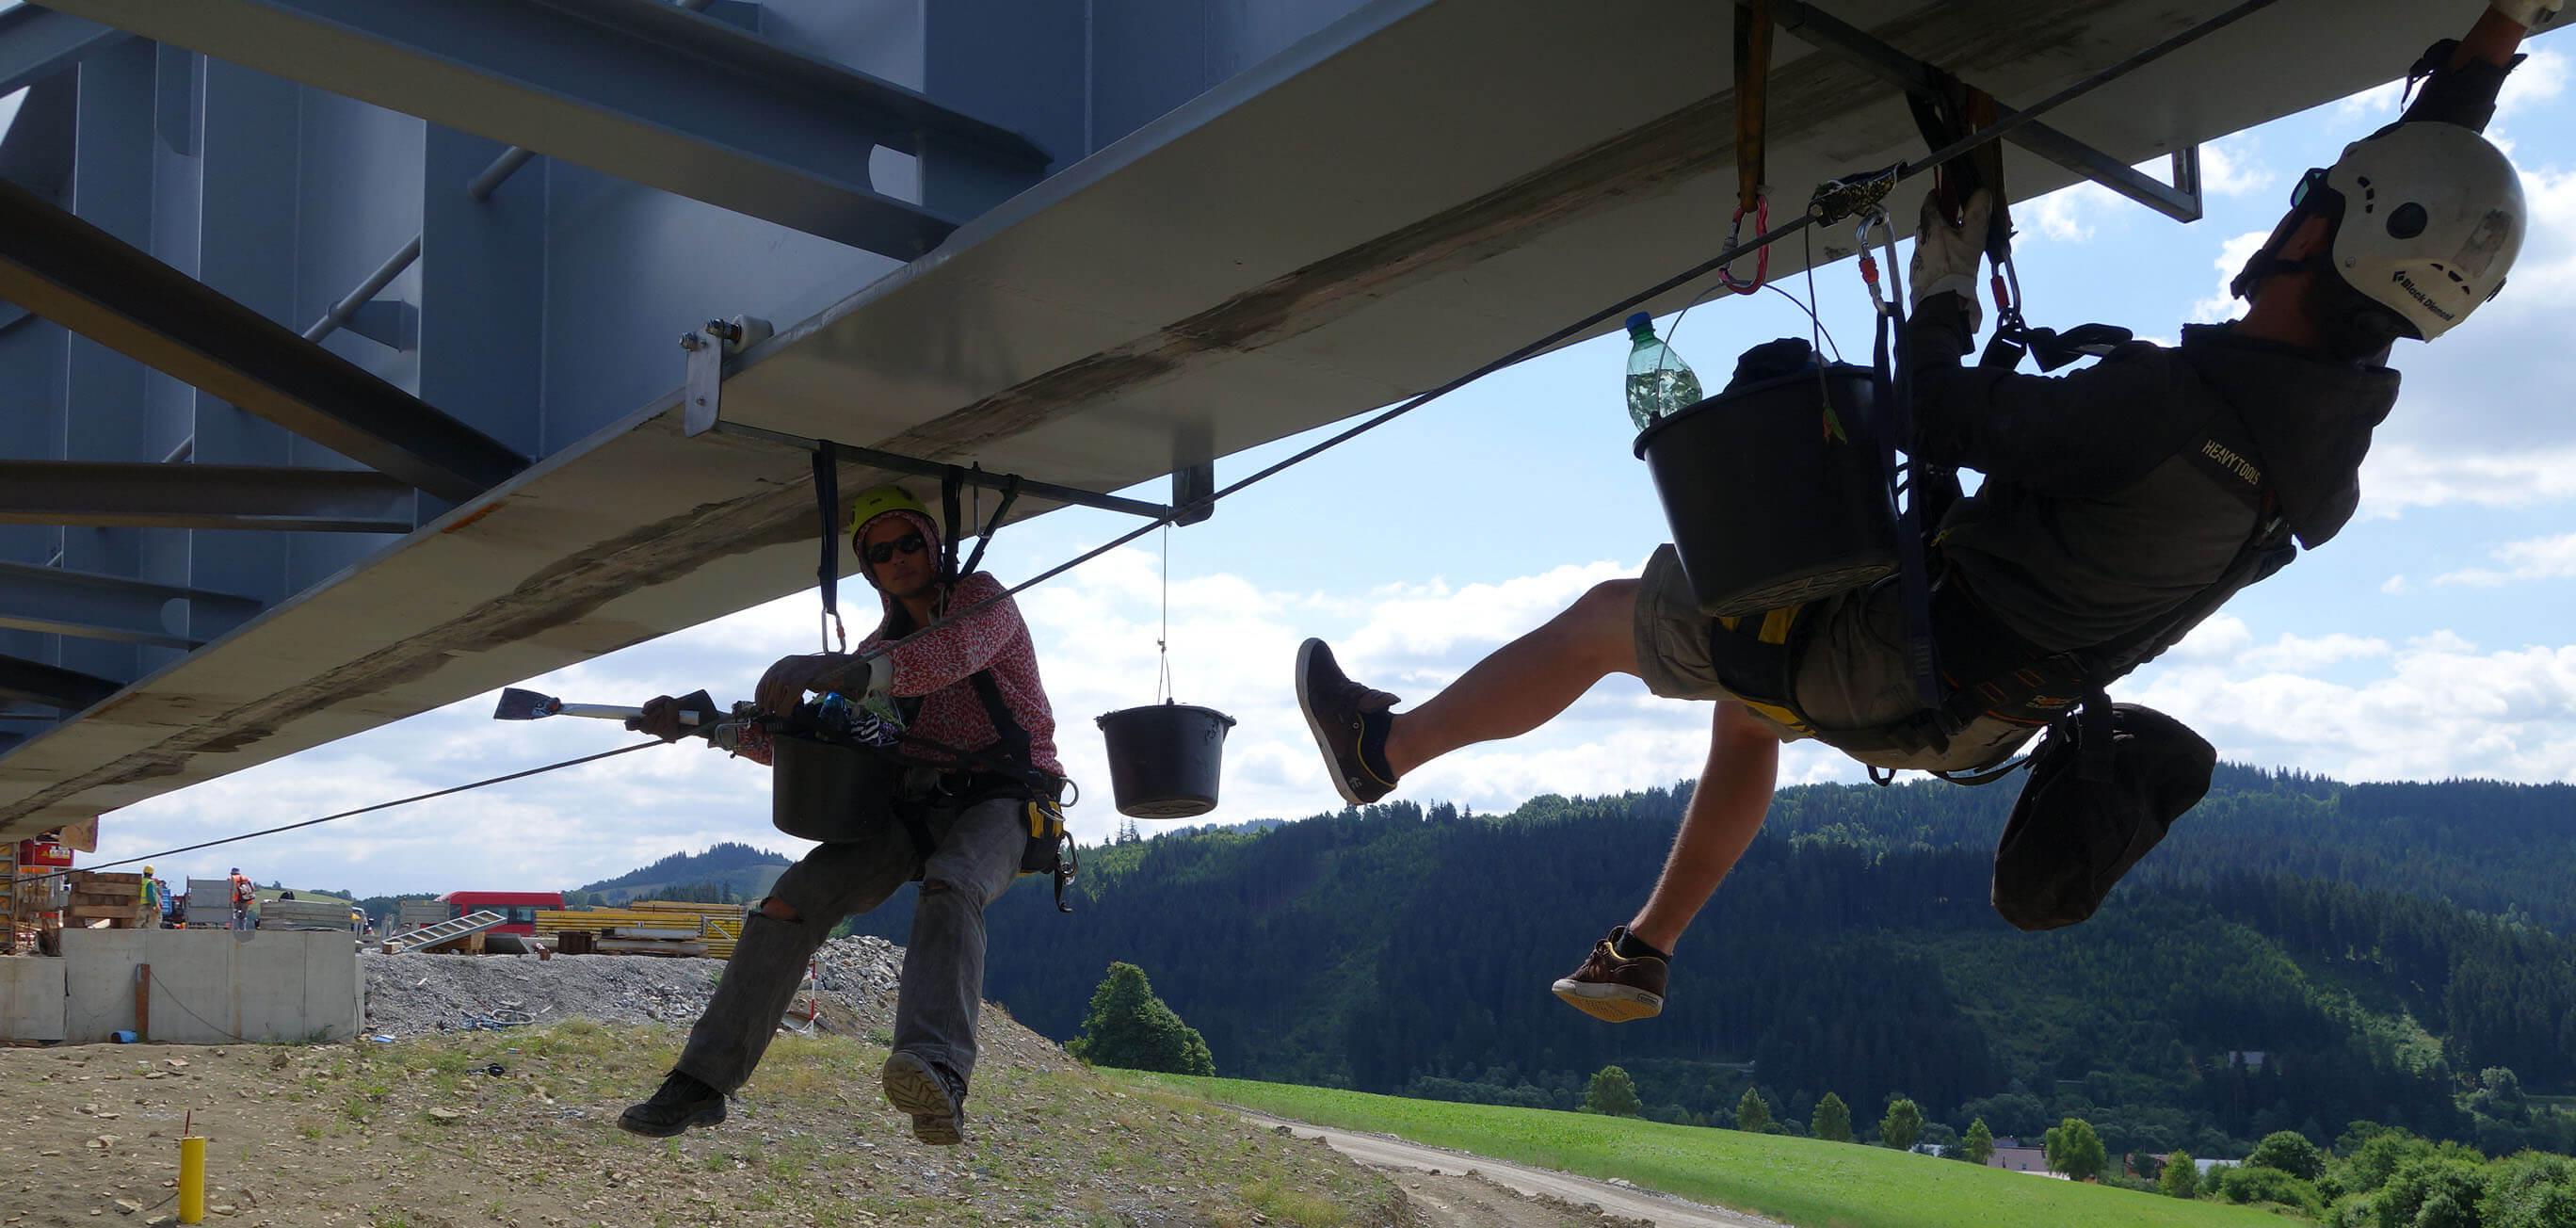 Špecialisti na práce vo výškach - Highmont.sk